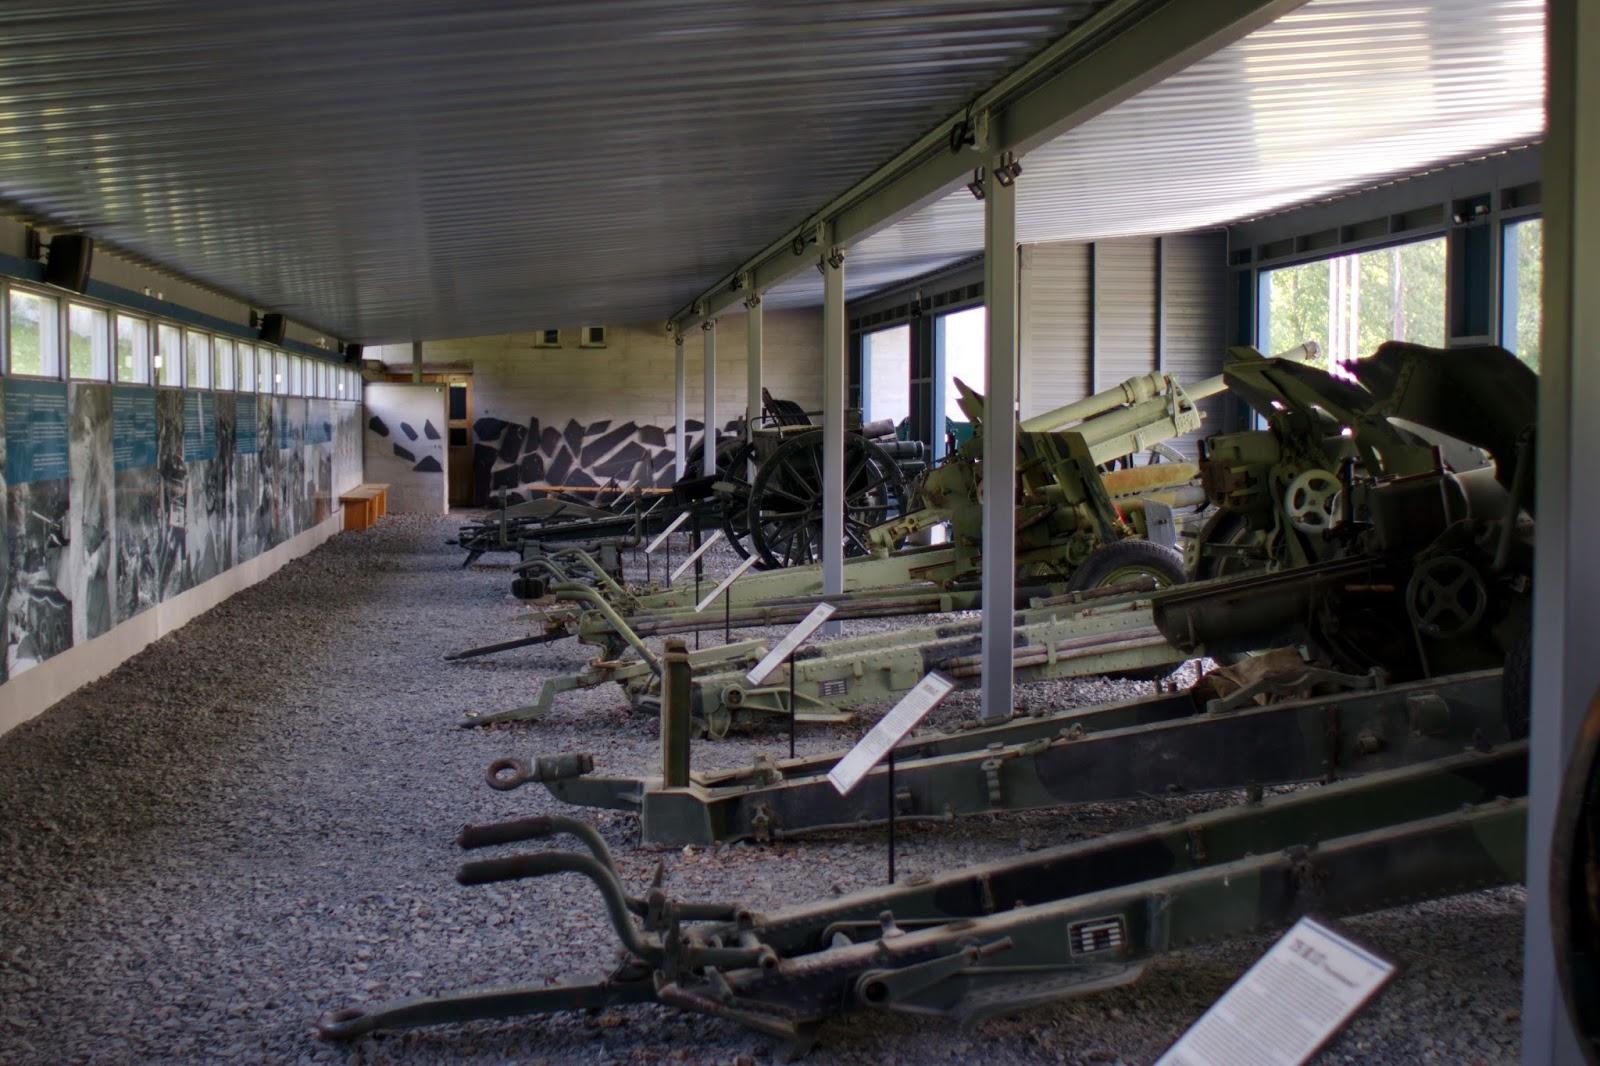 Taistelijan talo, Hattuvaara, Ilomantsi